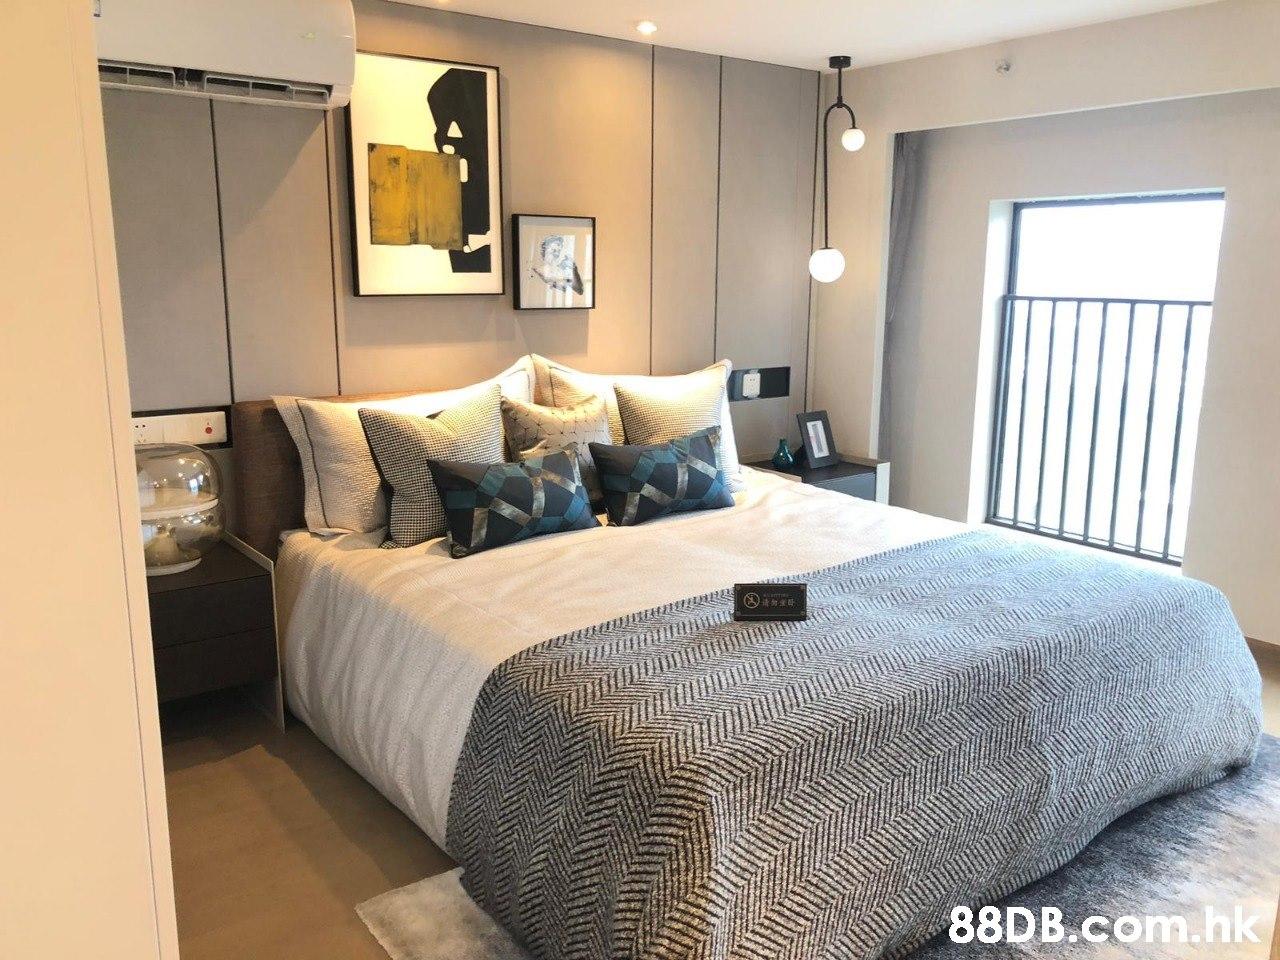 Bedroom,Bed,Furniture,Room,Bed sheet